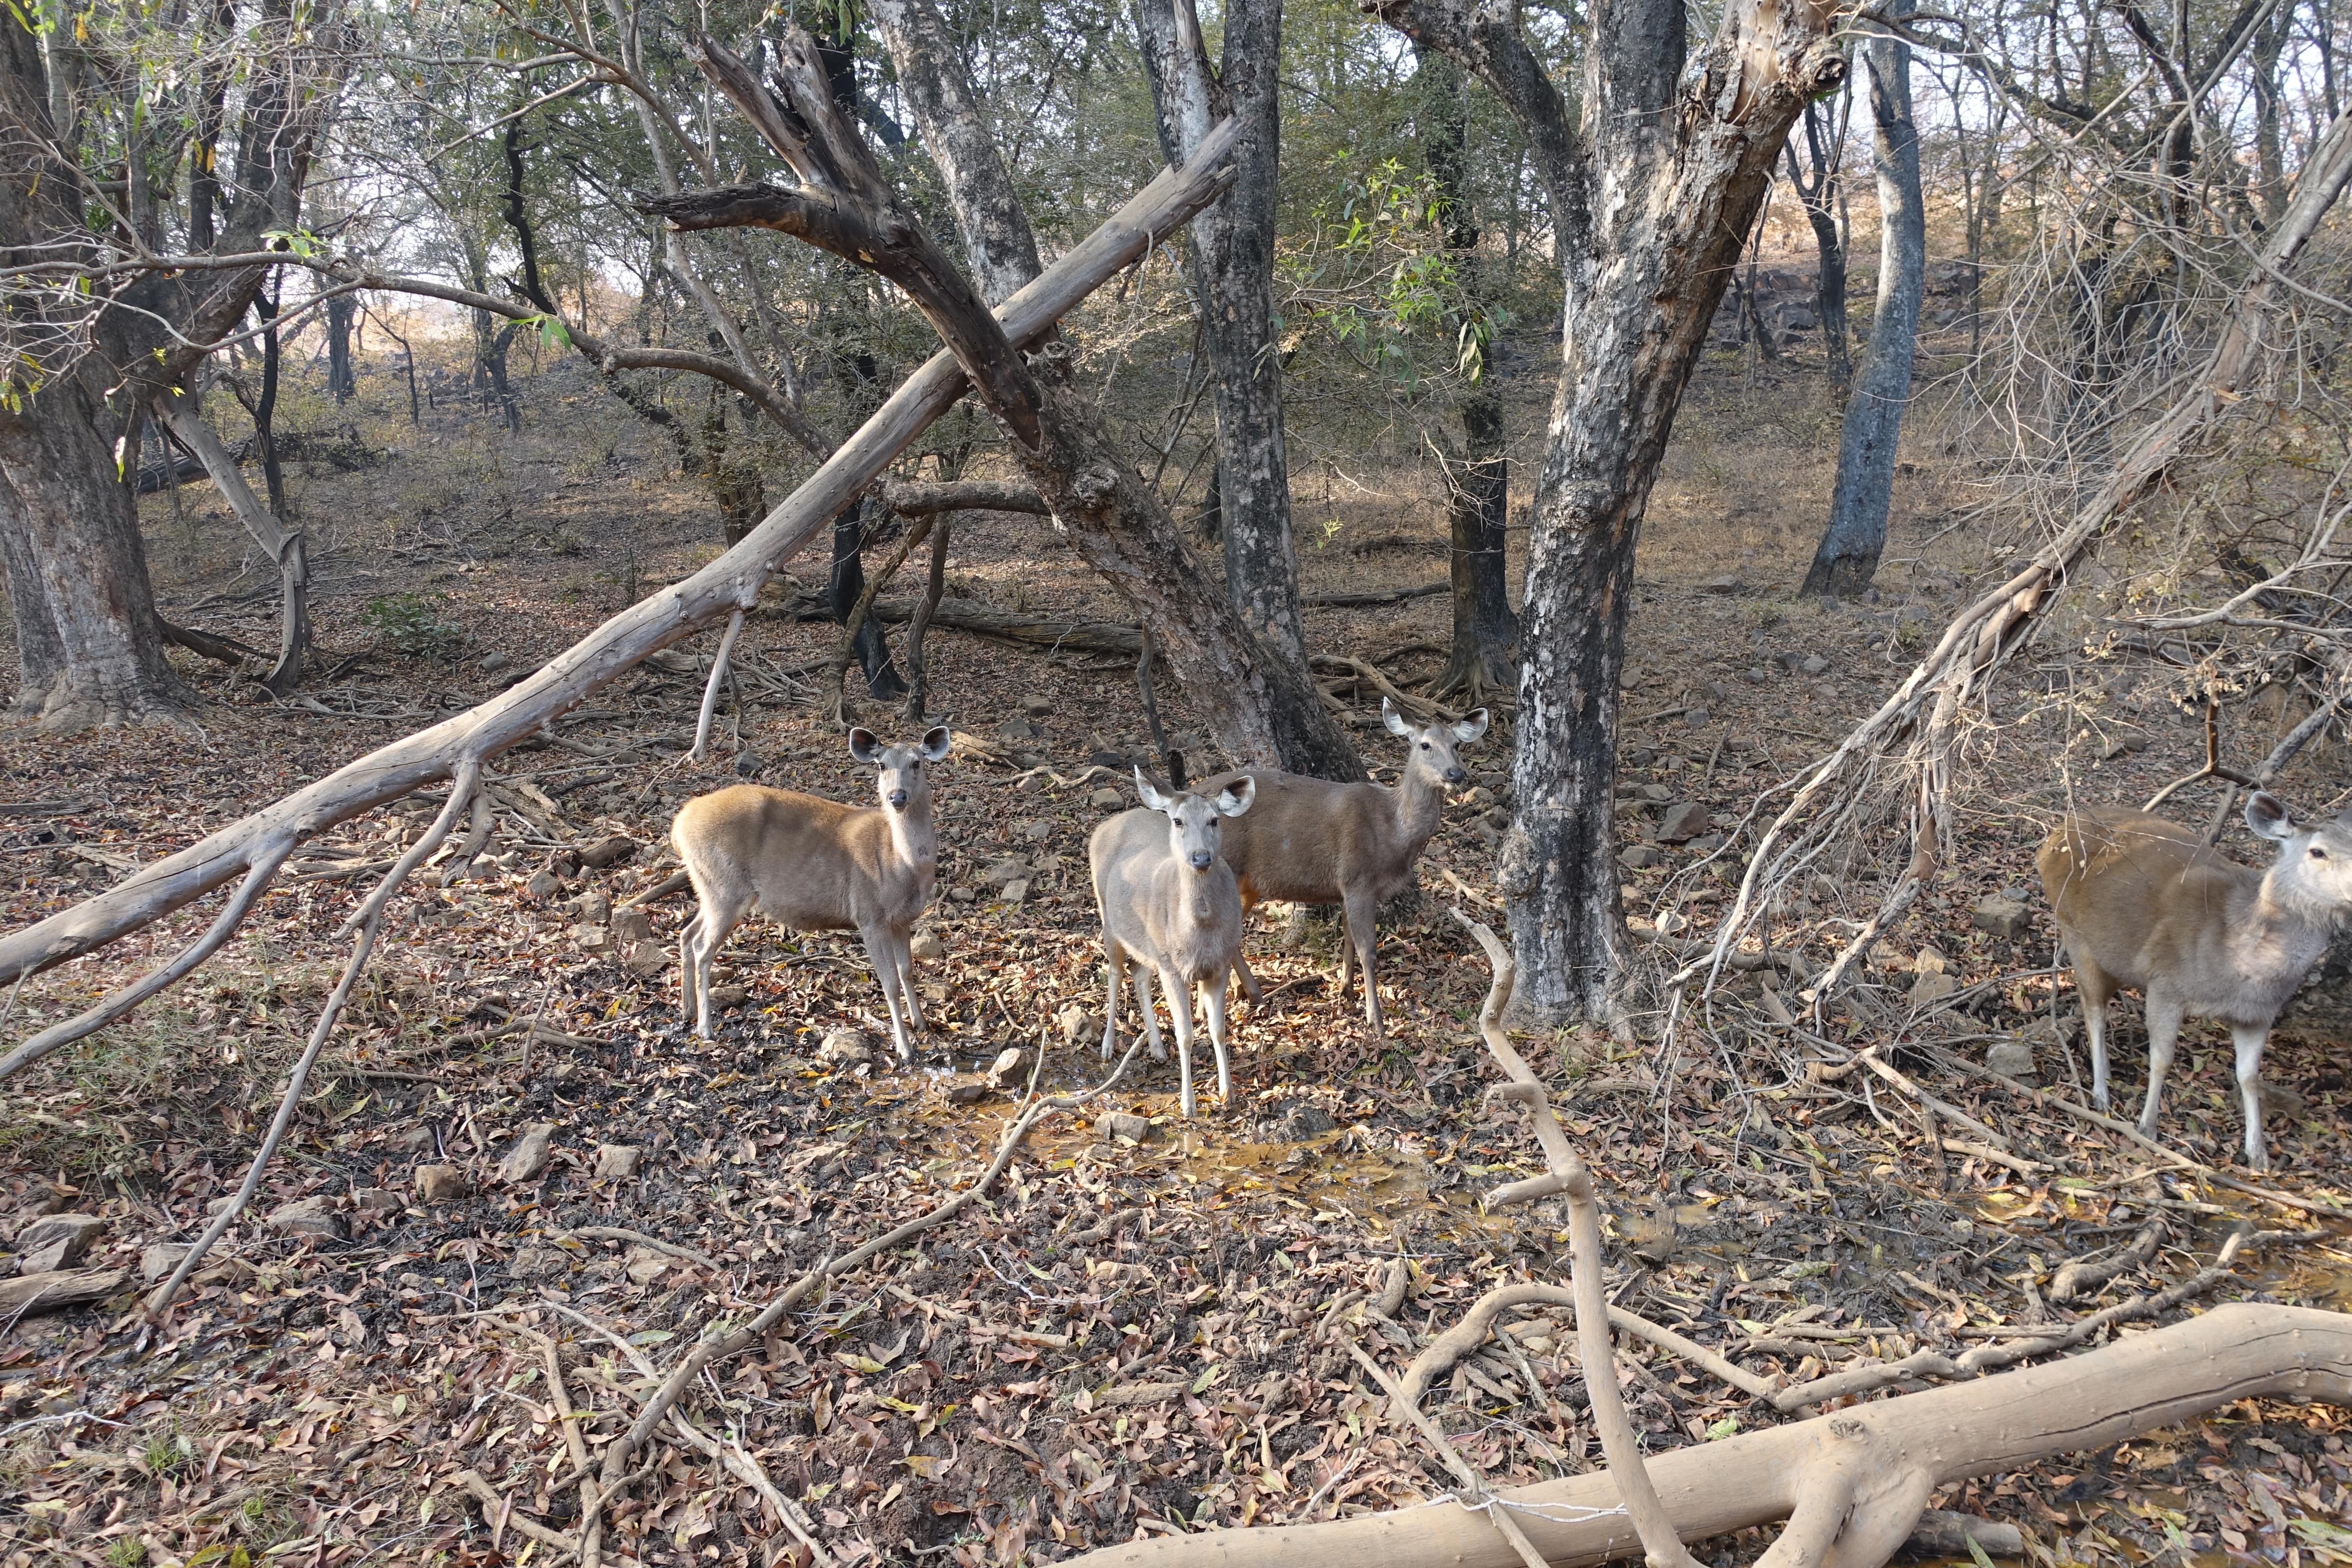 Deer in Ranthambhore National Park - photo by Juliamaud